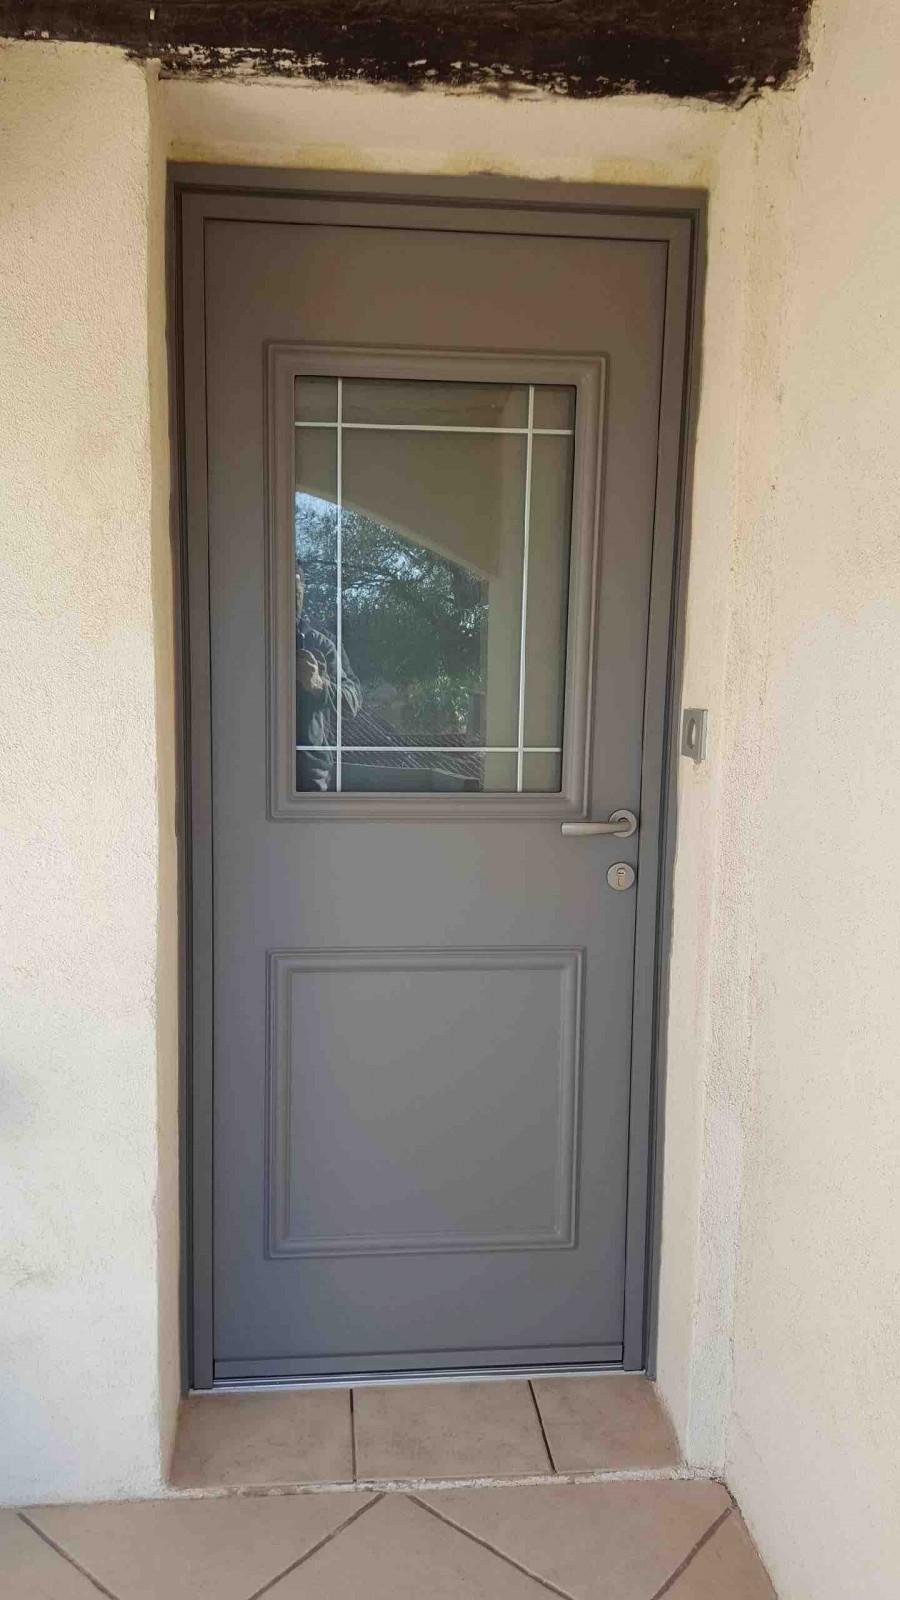 Pose porte d 39 entr e k line mod le rectangle pos sur sausset les pins sma - Pose porte entree ...